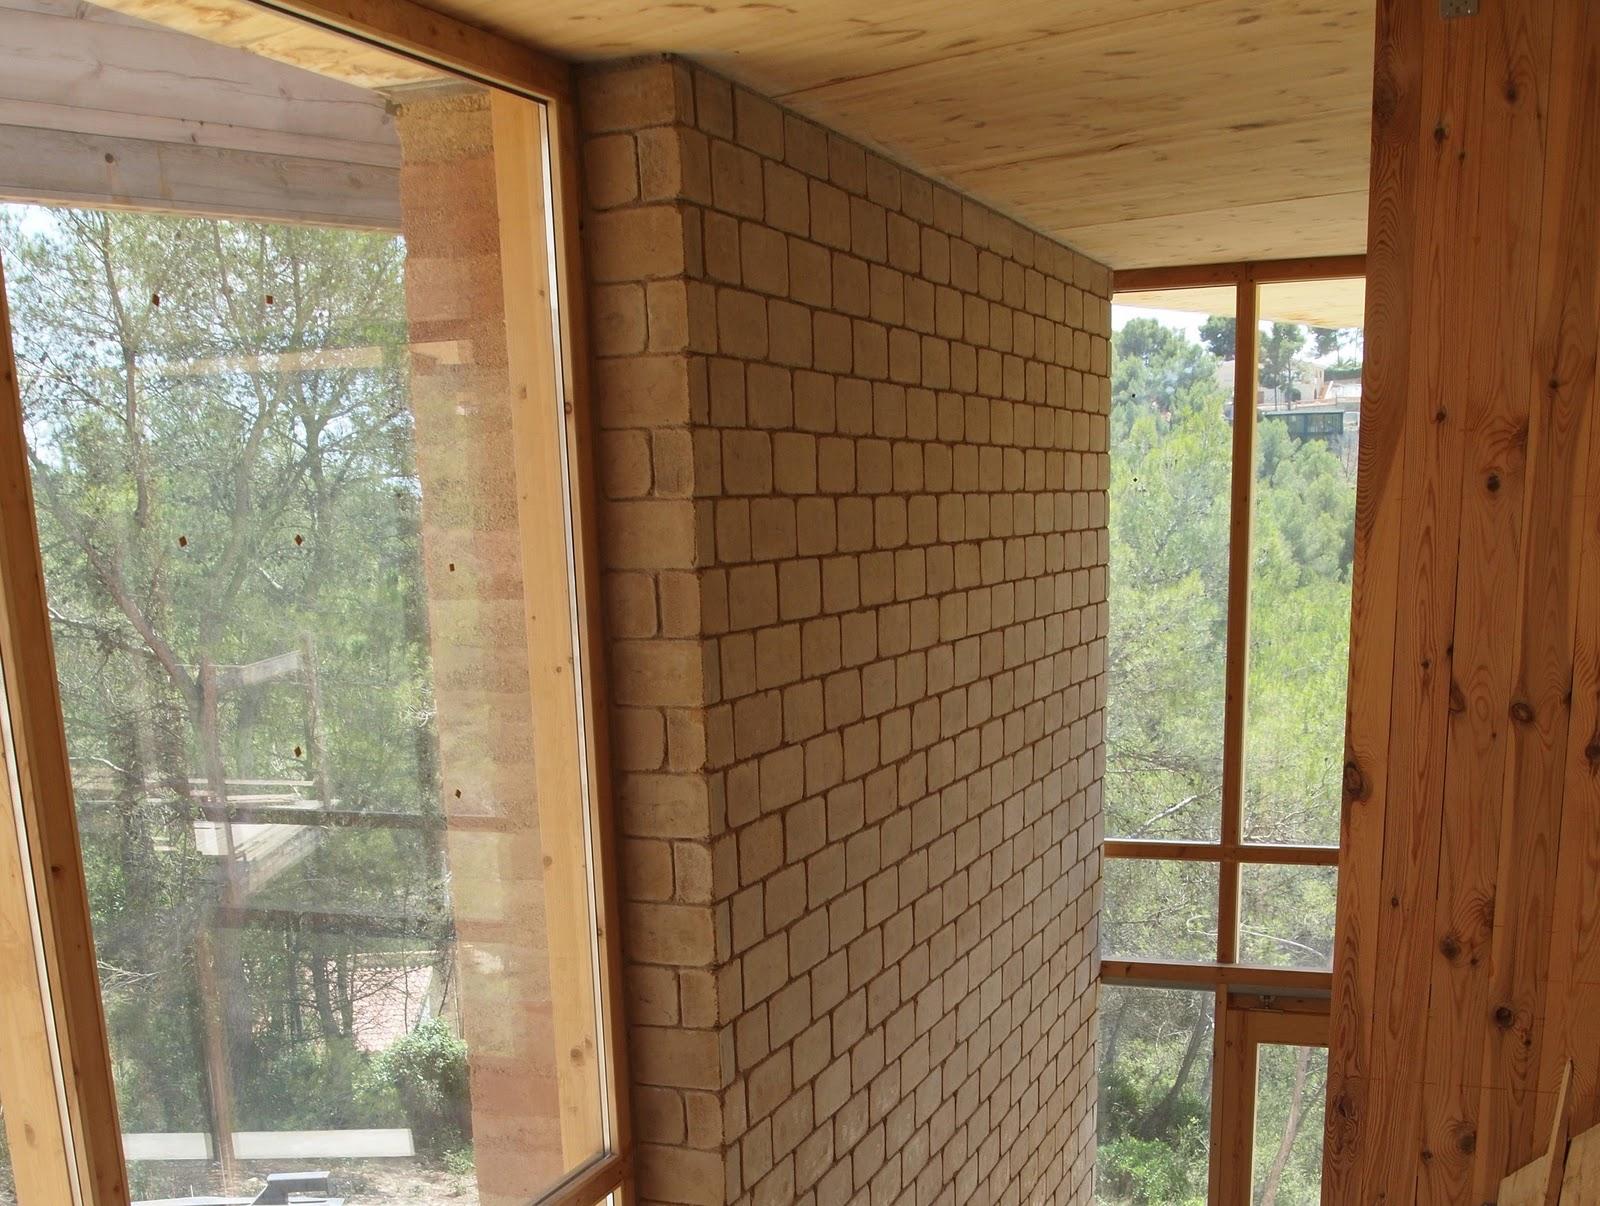 Interiores casas de adobe v rias id ias de - Muros decorativos para interiores ...